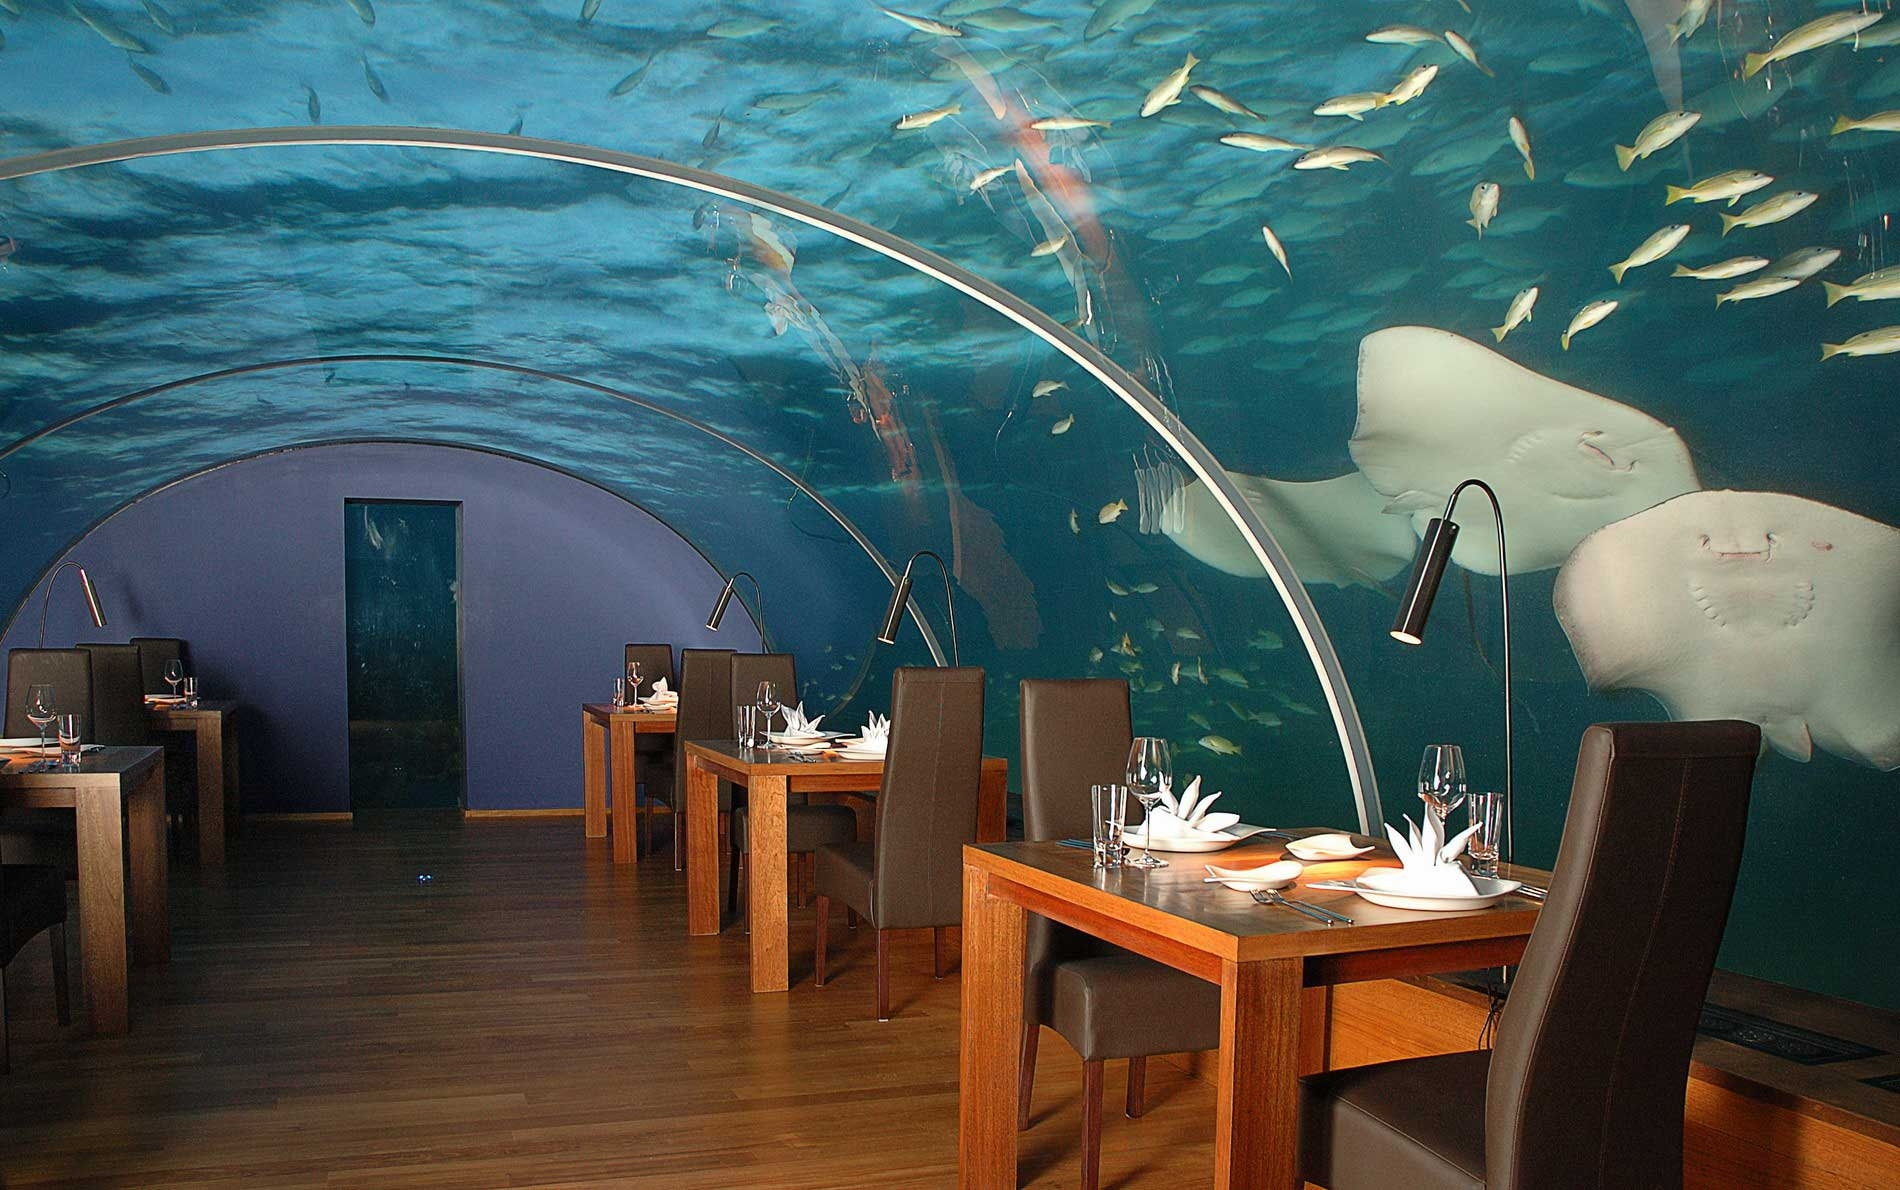 69684 Hintergrundbild herunterladen Verschiedenes, Sonstige, Tropen, Malediven, Unterwasserrestaurant - Bildschirmschoner und Bilder kostenlos